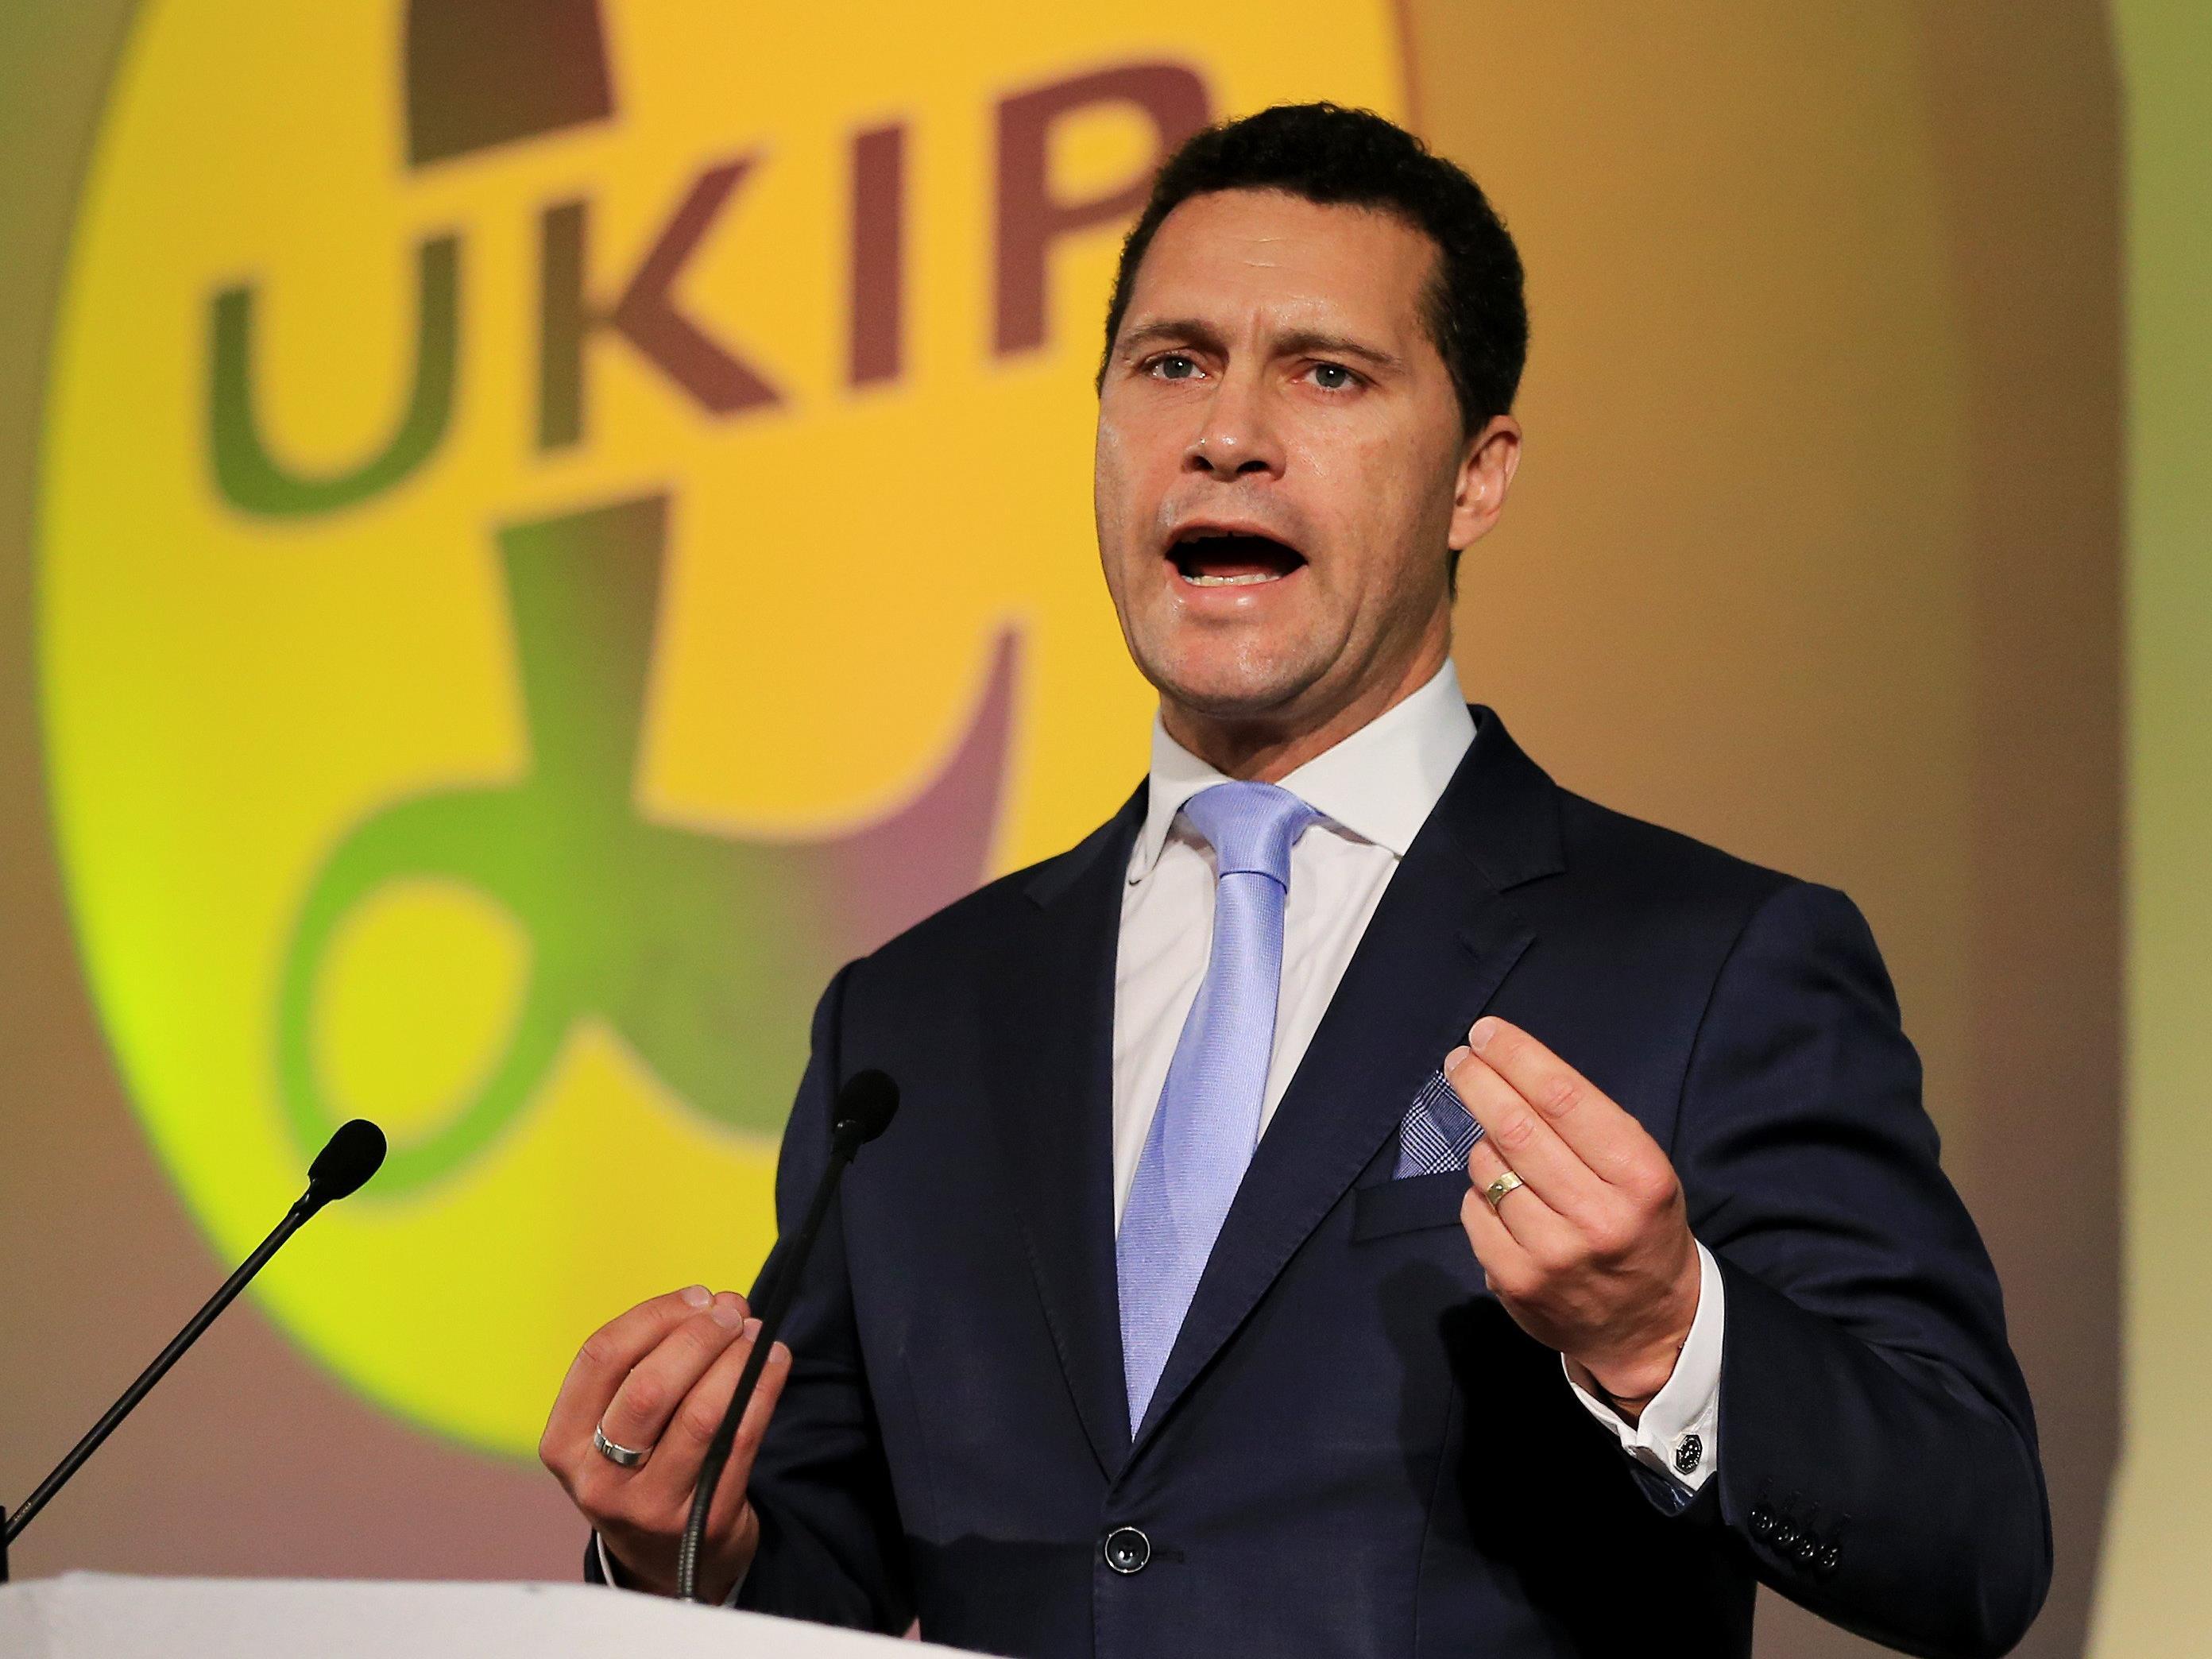 Ukip-Politiker Steven Woolfe soll nach einer Auseinandersetzung mit einem Parteikollegen in kritischem Zustand sein.